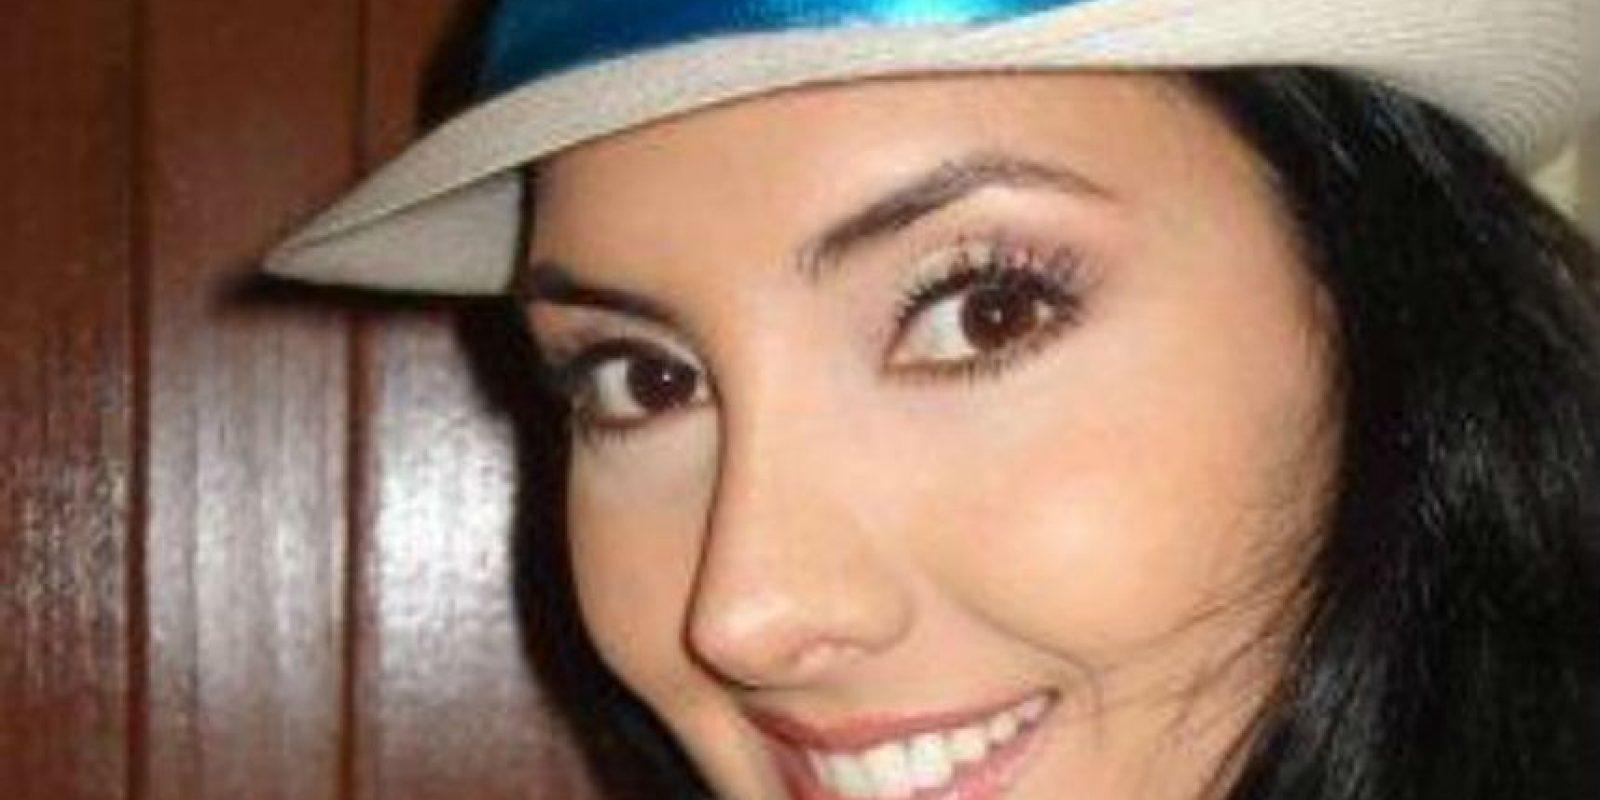 La ex reina de belleza y actriz colombiana fue hallada muerta en 2009 junto con el cuerpo de Fabio Vargas Vargas, presunto hermano del narcotraficante colombiano Leónidas Vargas. Foto:Facebook